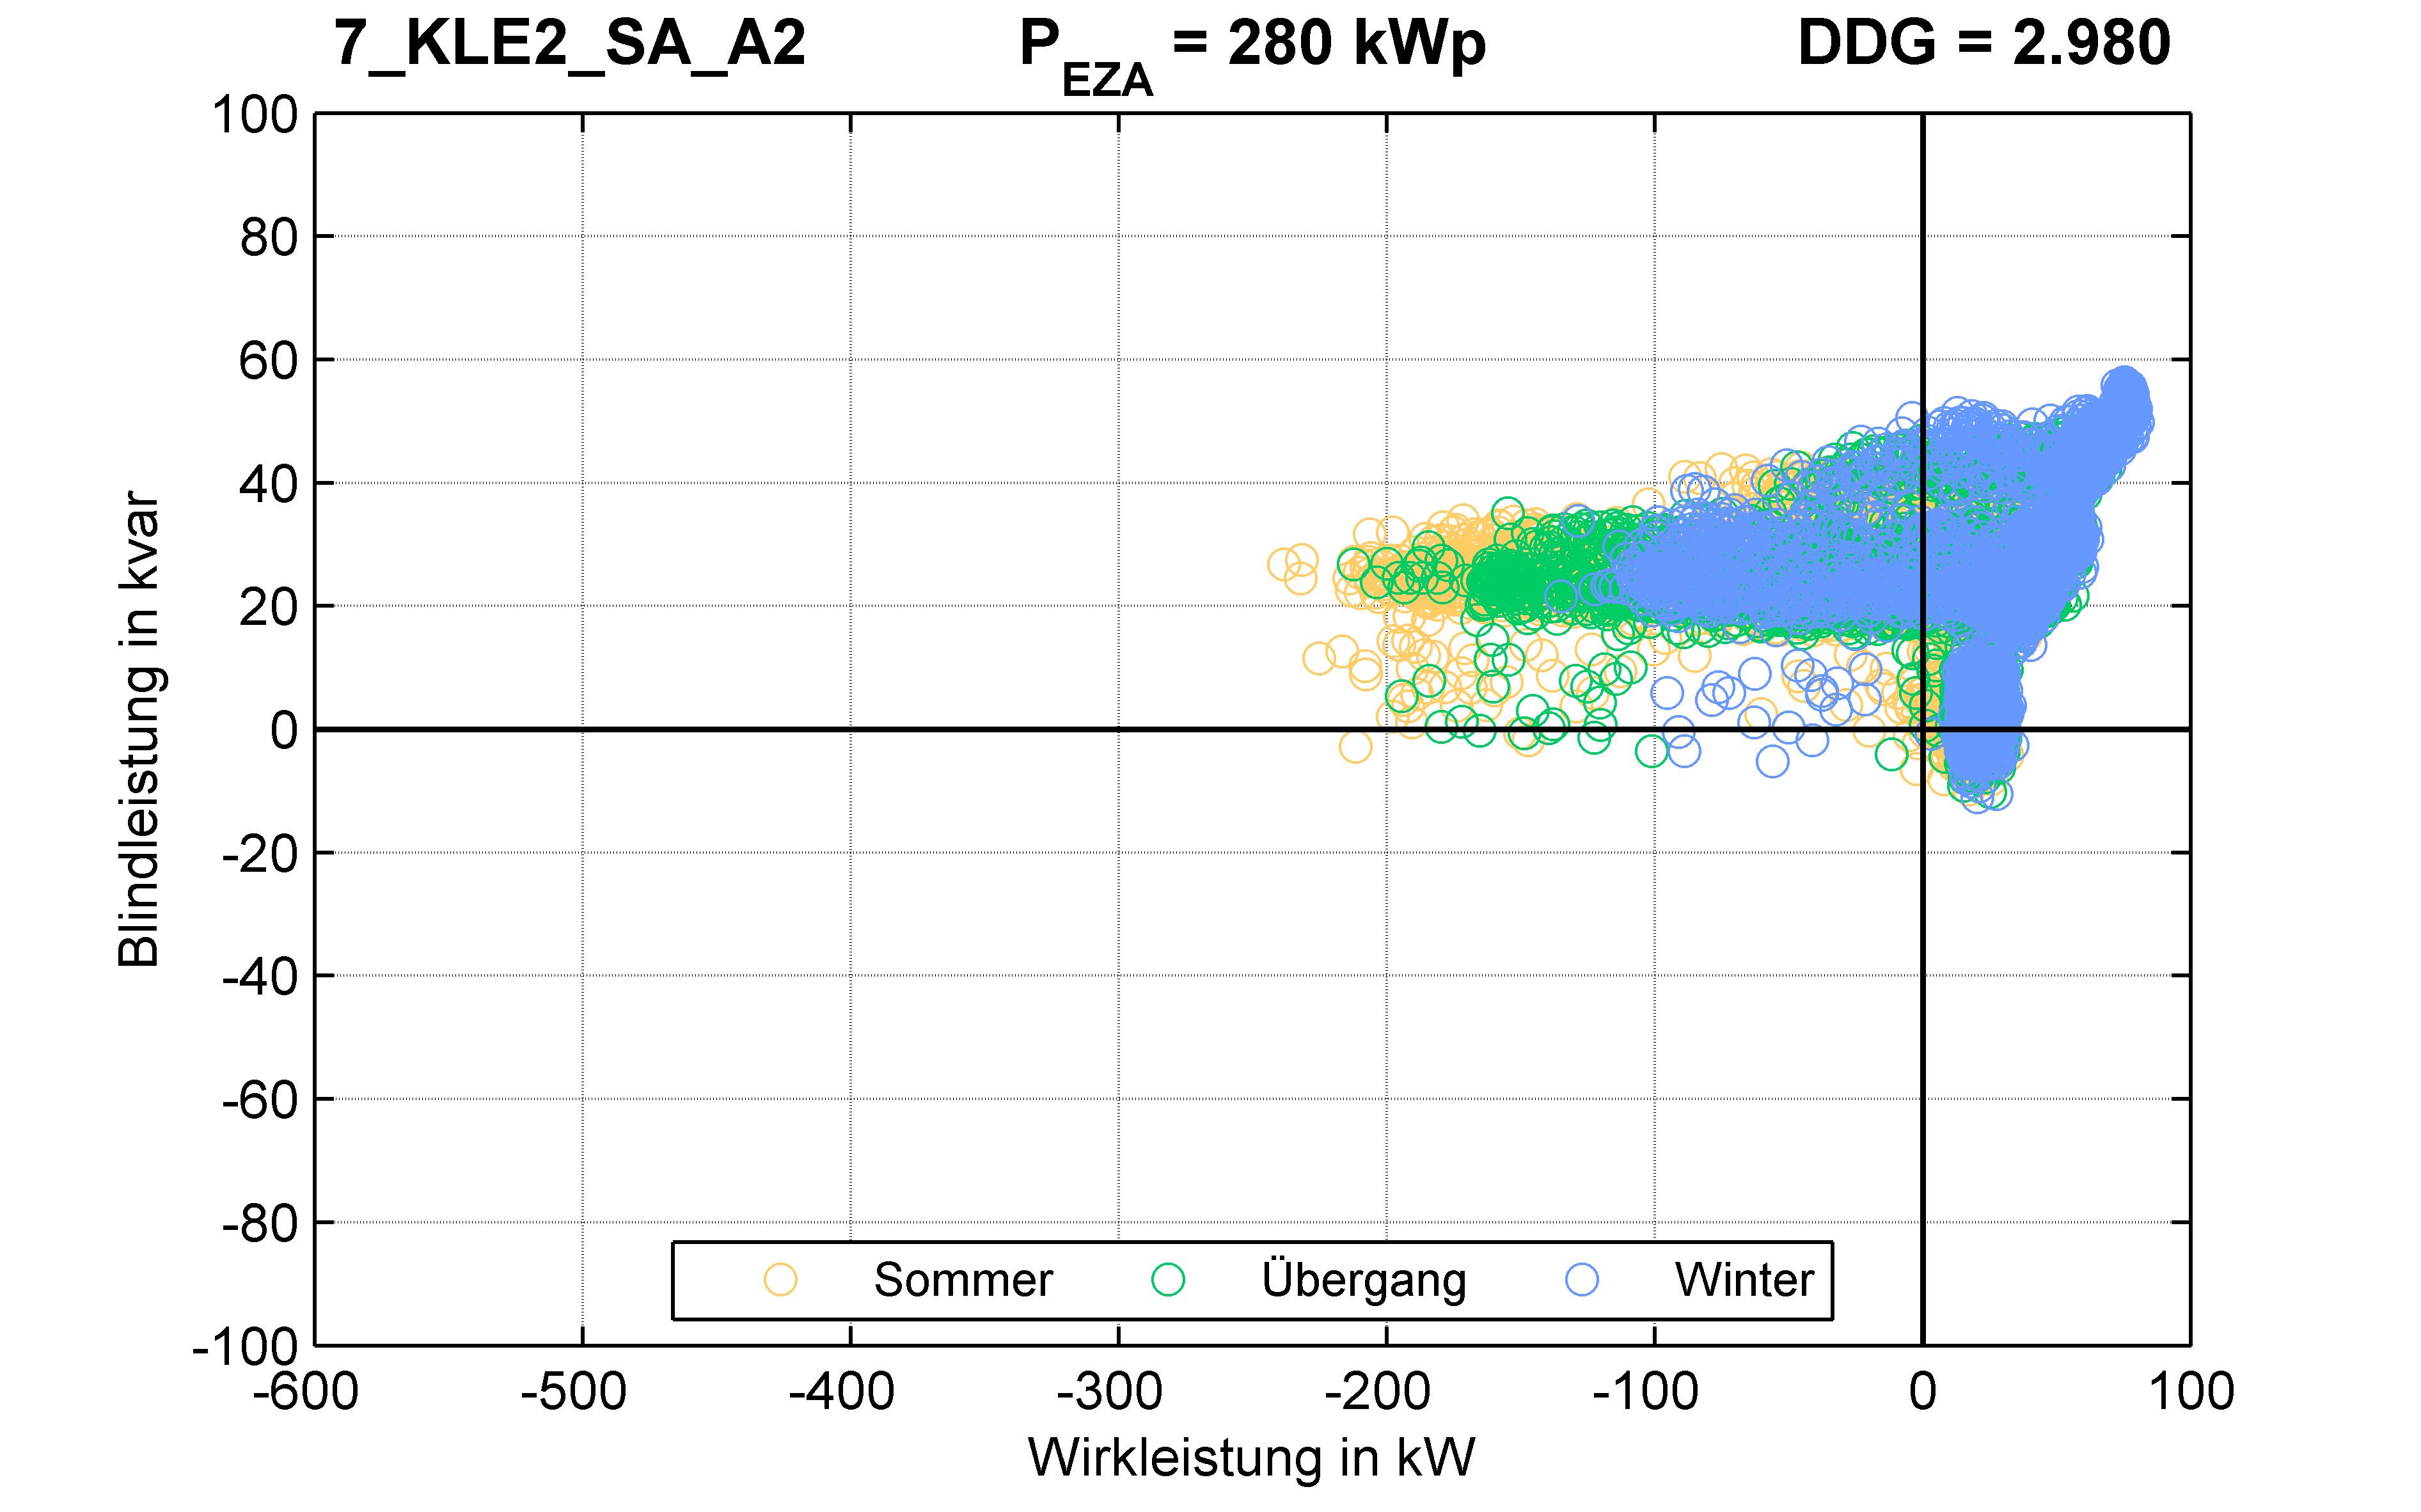 KLE2 | Längsregler (SA) A2 | PQ-Verhalten